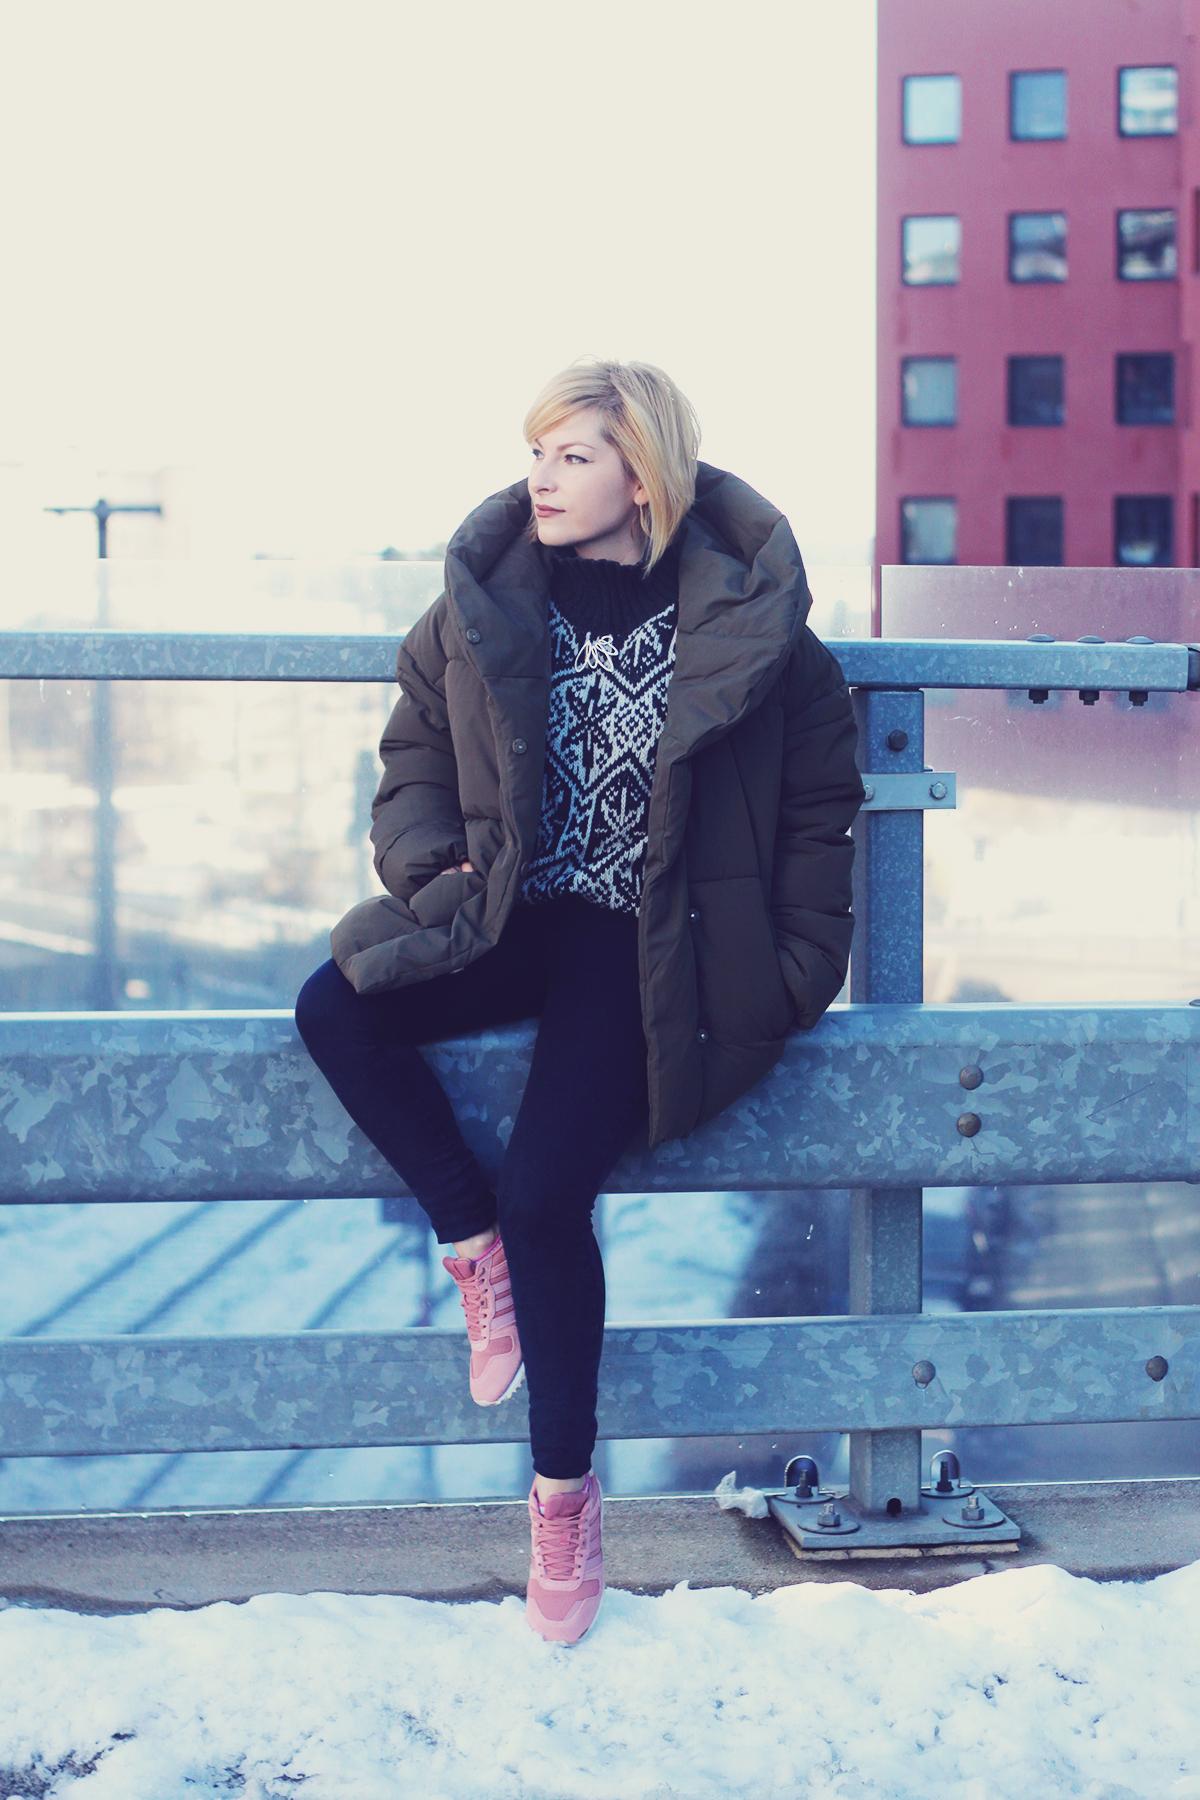 winter fashion, padded jacket, jeans, vintage Swarovski brooch, pink adidas originals, winter sweater, urban landscape, Vienna, snow